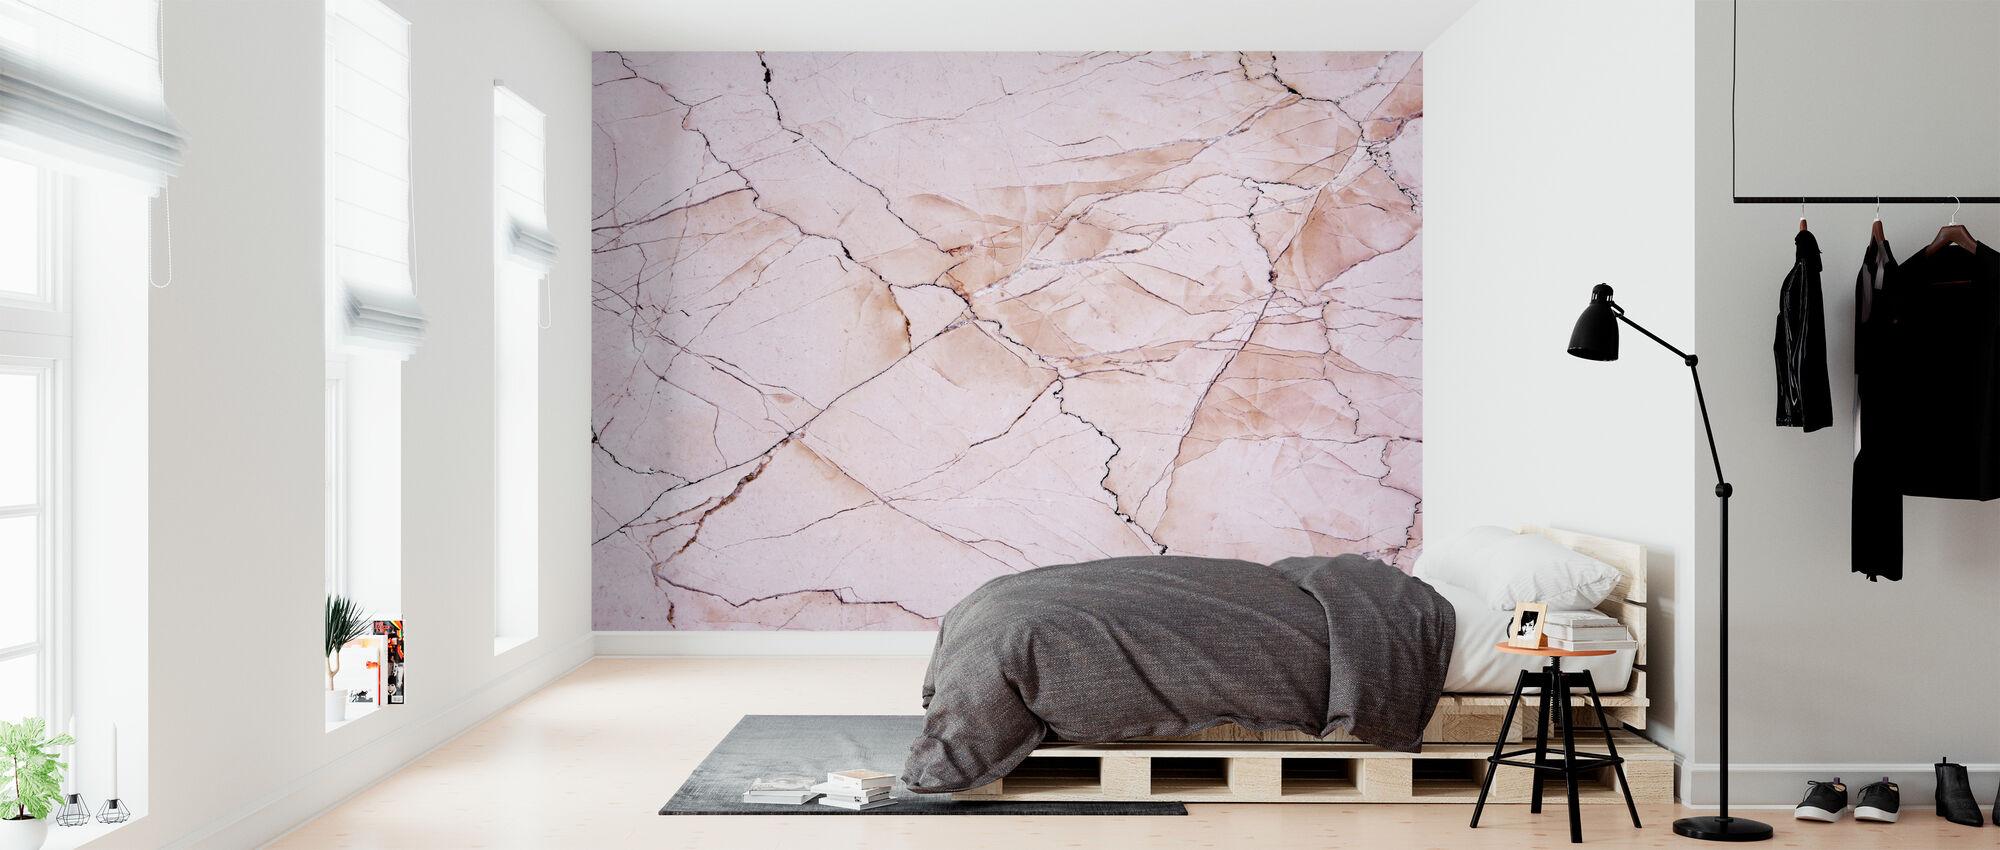 Roze licht marmeren steen - Behang - Slaapkamer